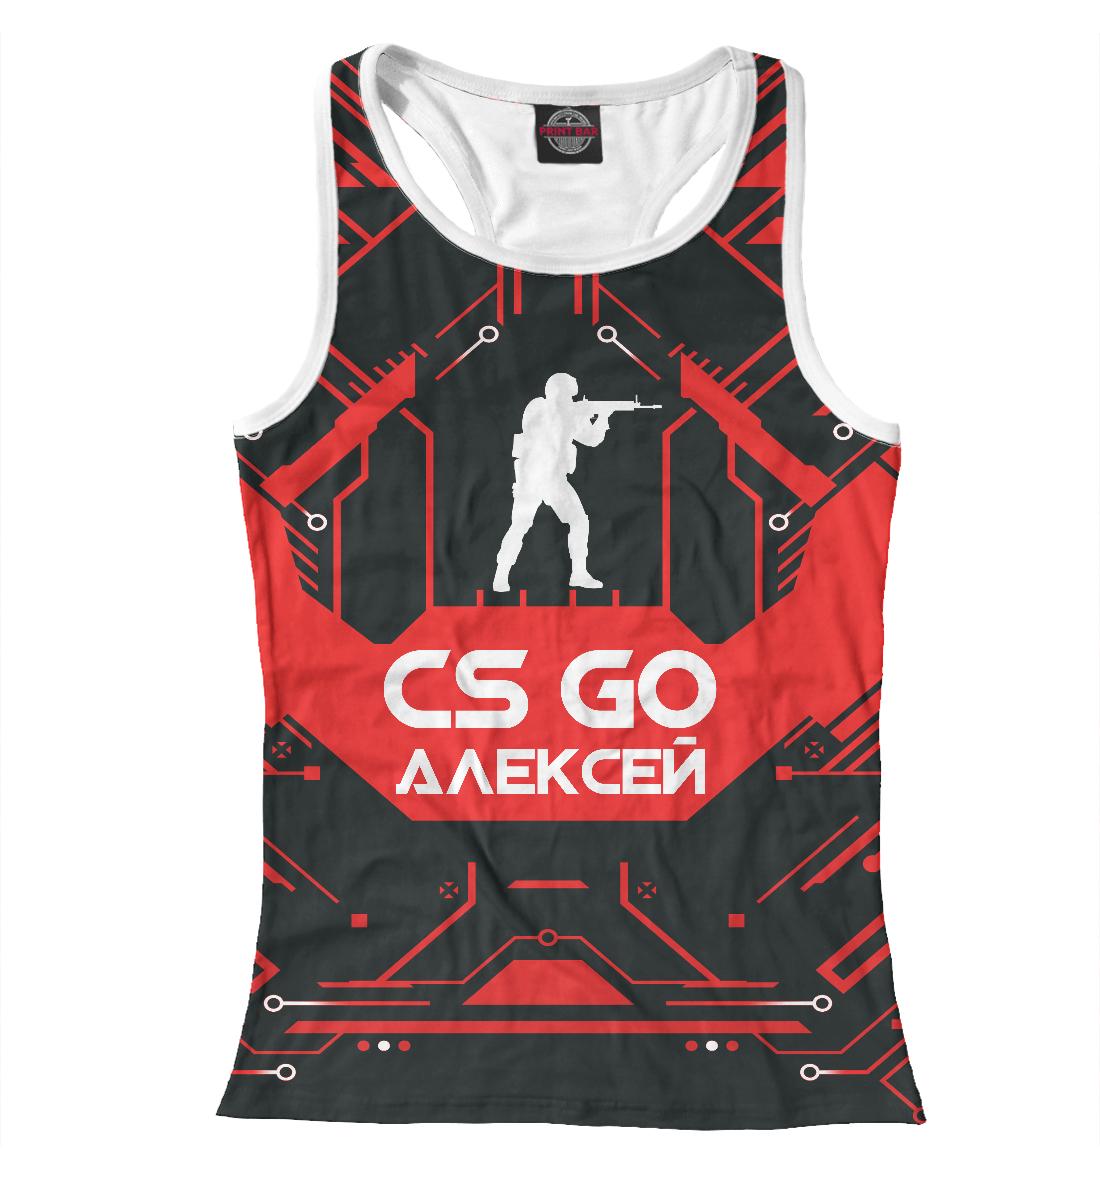 Купить Алексей в стиле CS GO, Printbar, Майки борцовки, ALE-645685-mayb-1